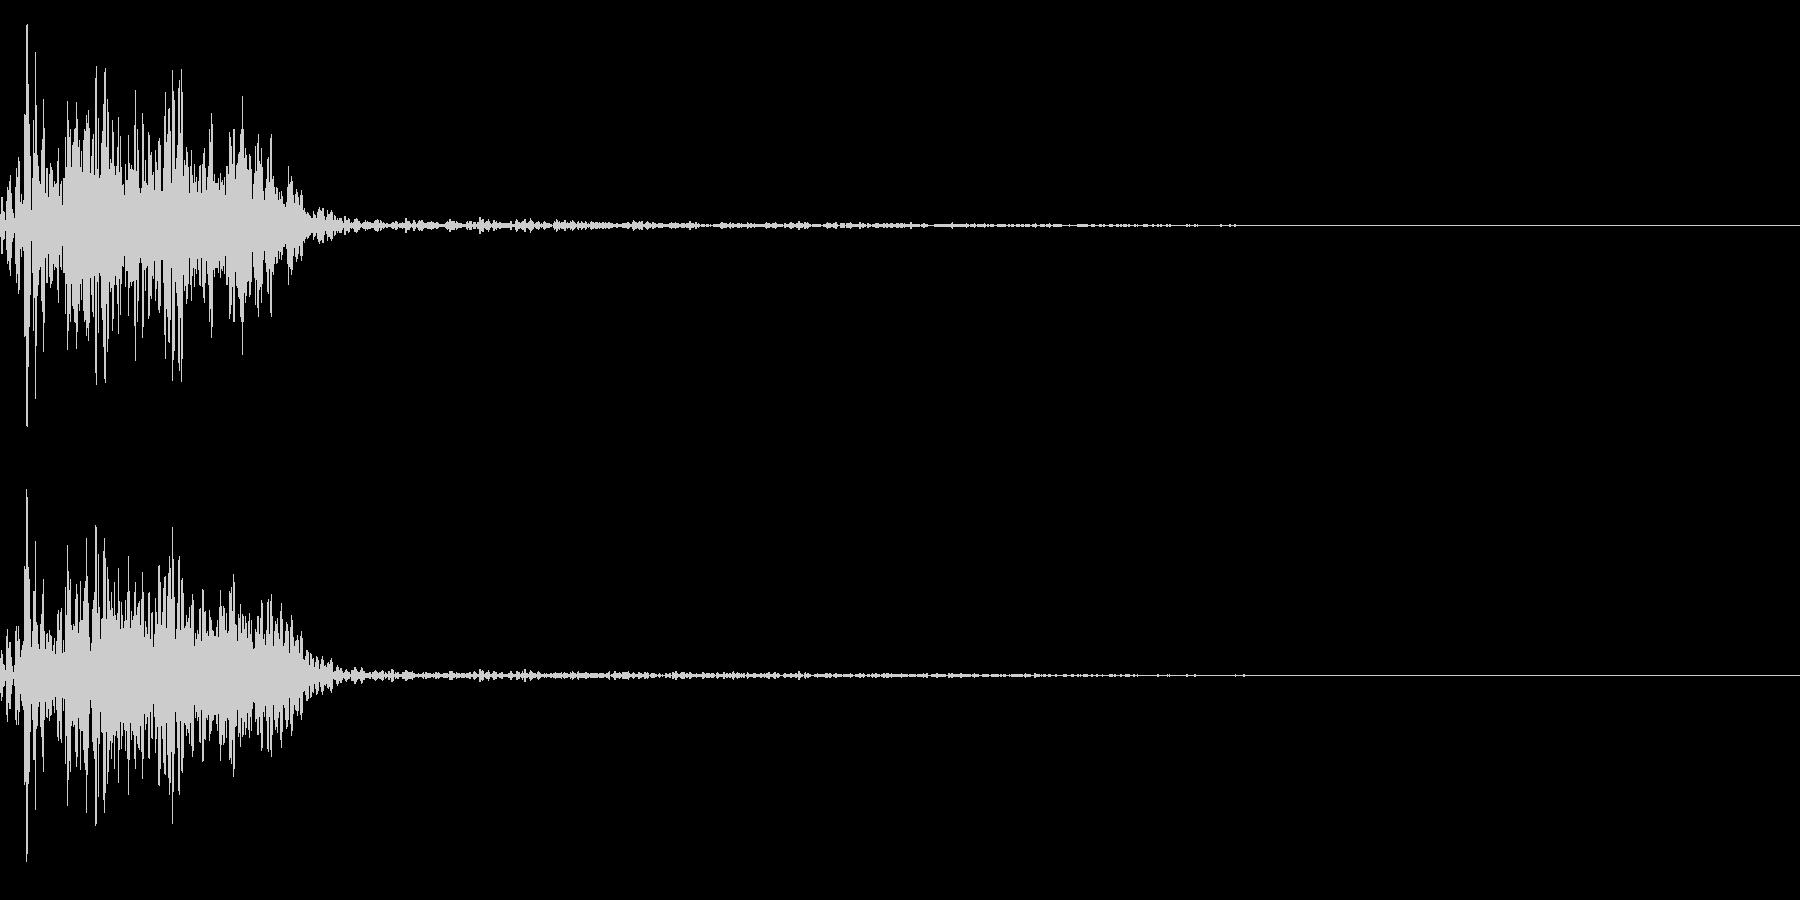 キャンセル音(ダーク、暗めな質感)の未再生の波形